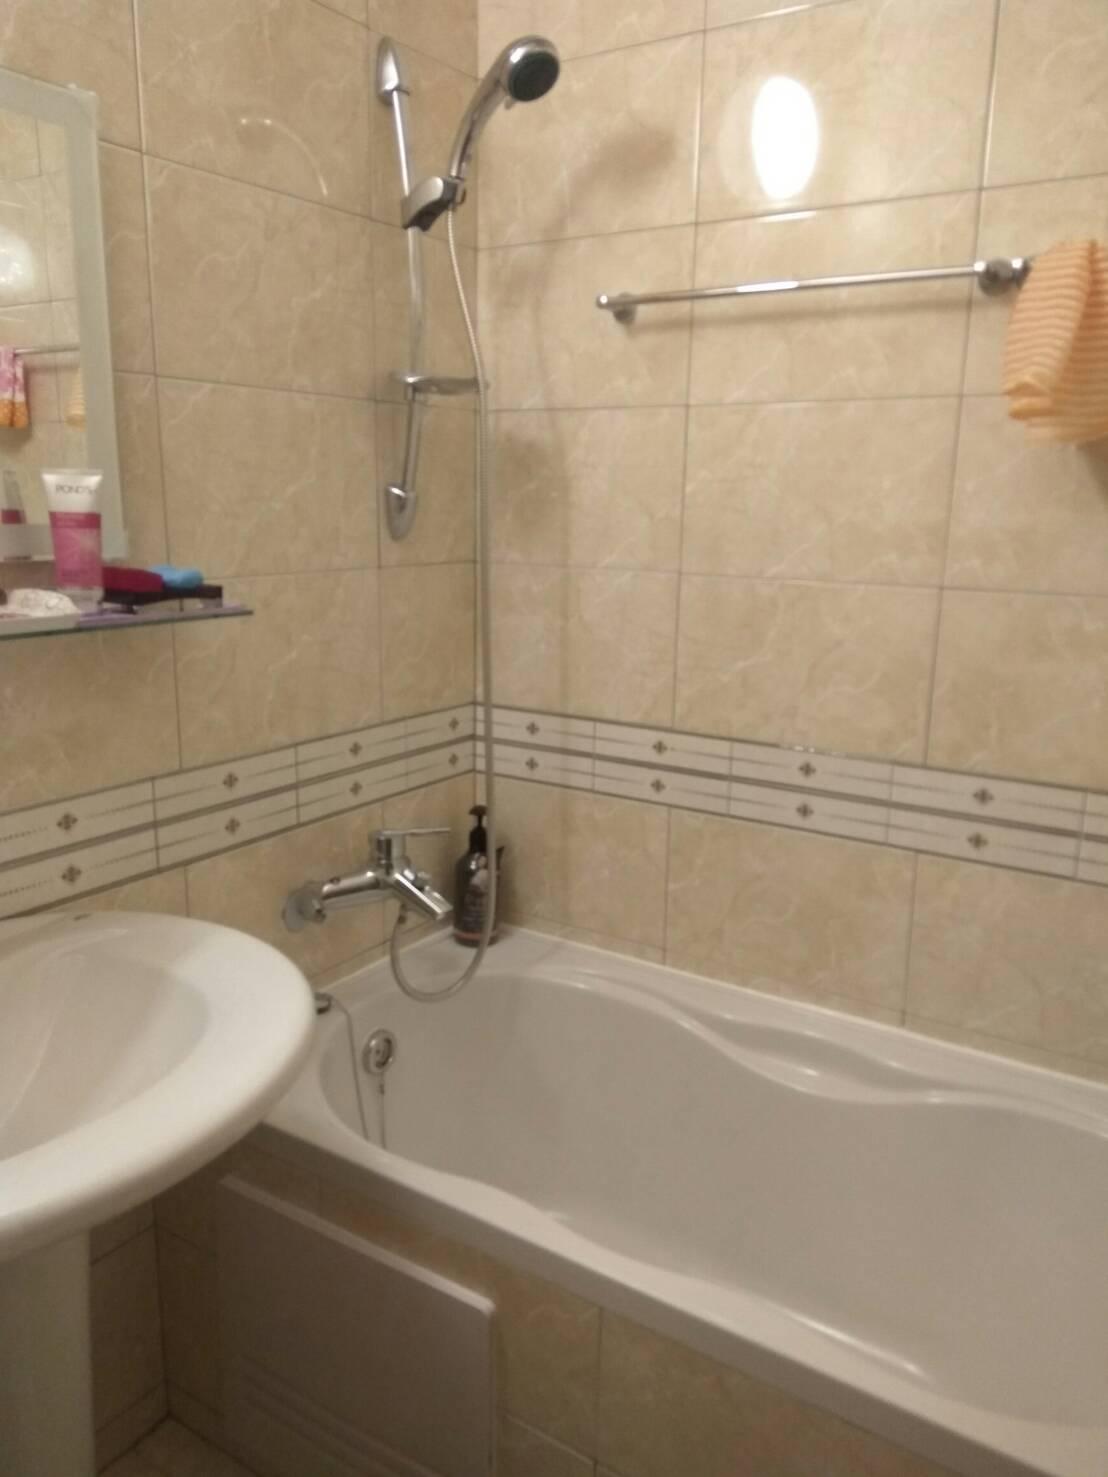 自立一路浴室翻修工程2.jpg